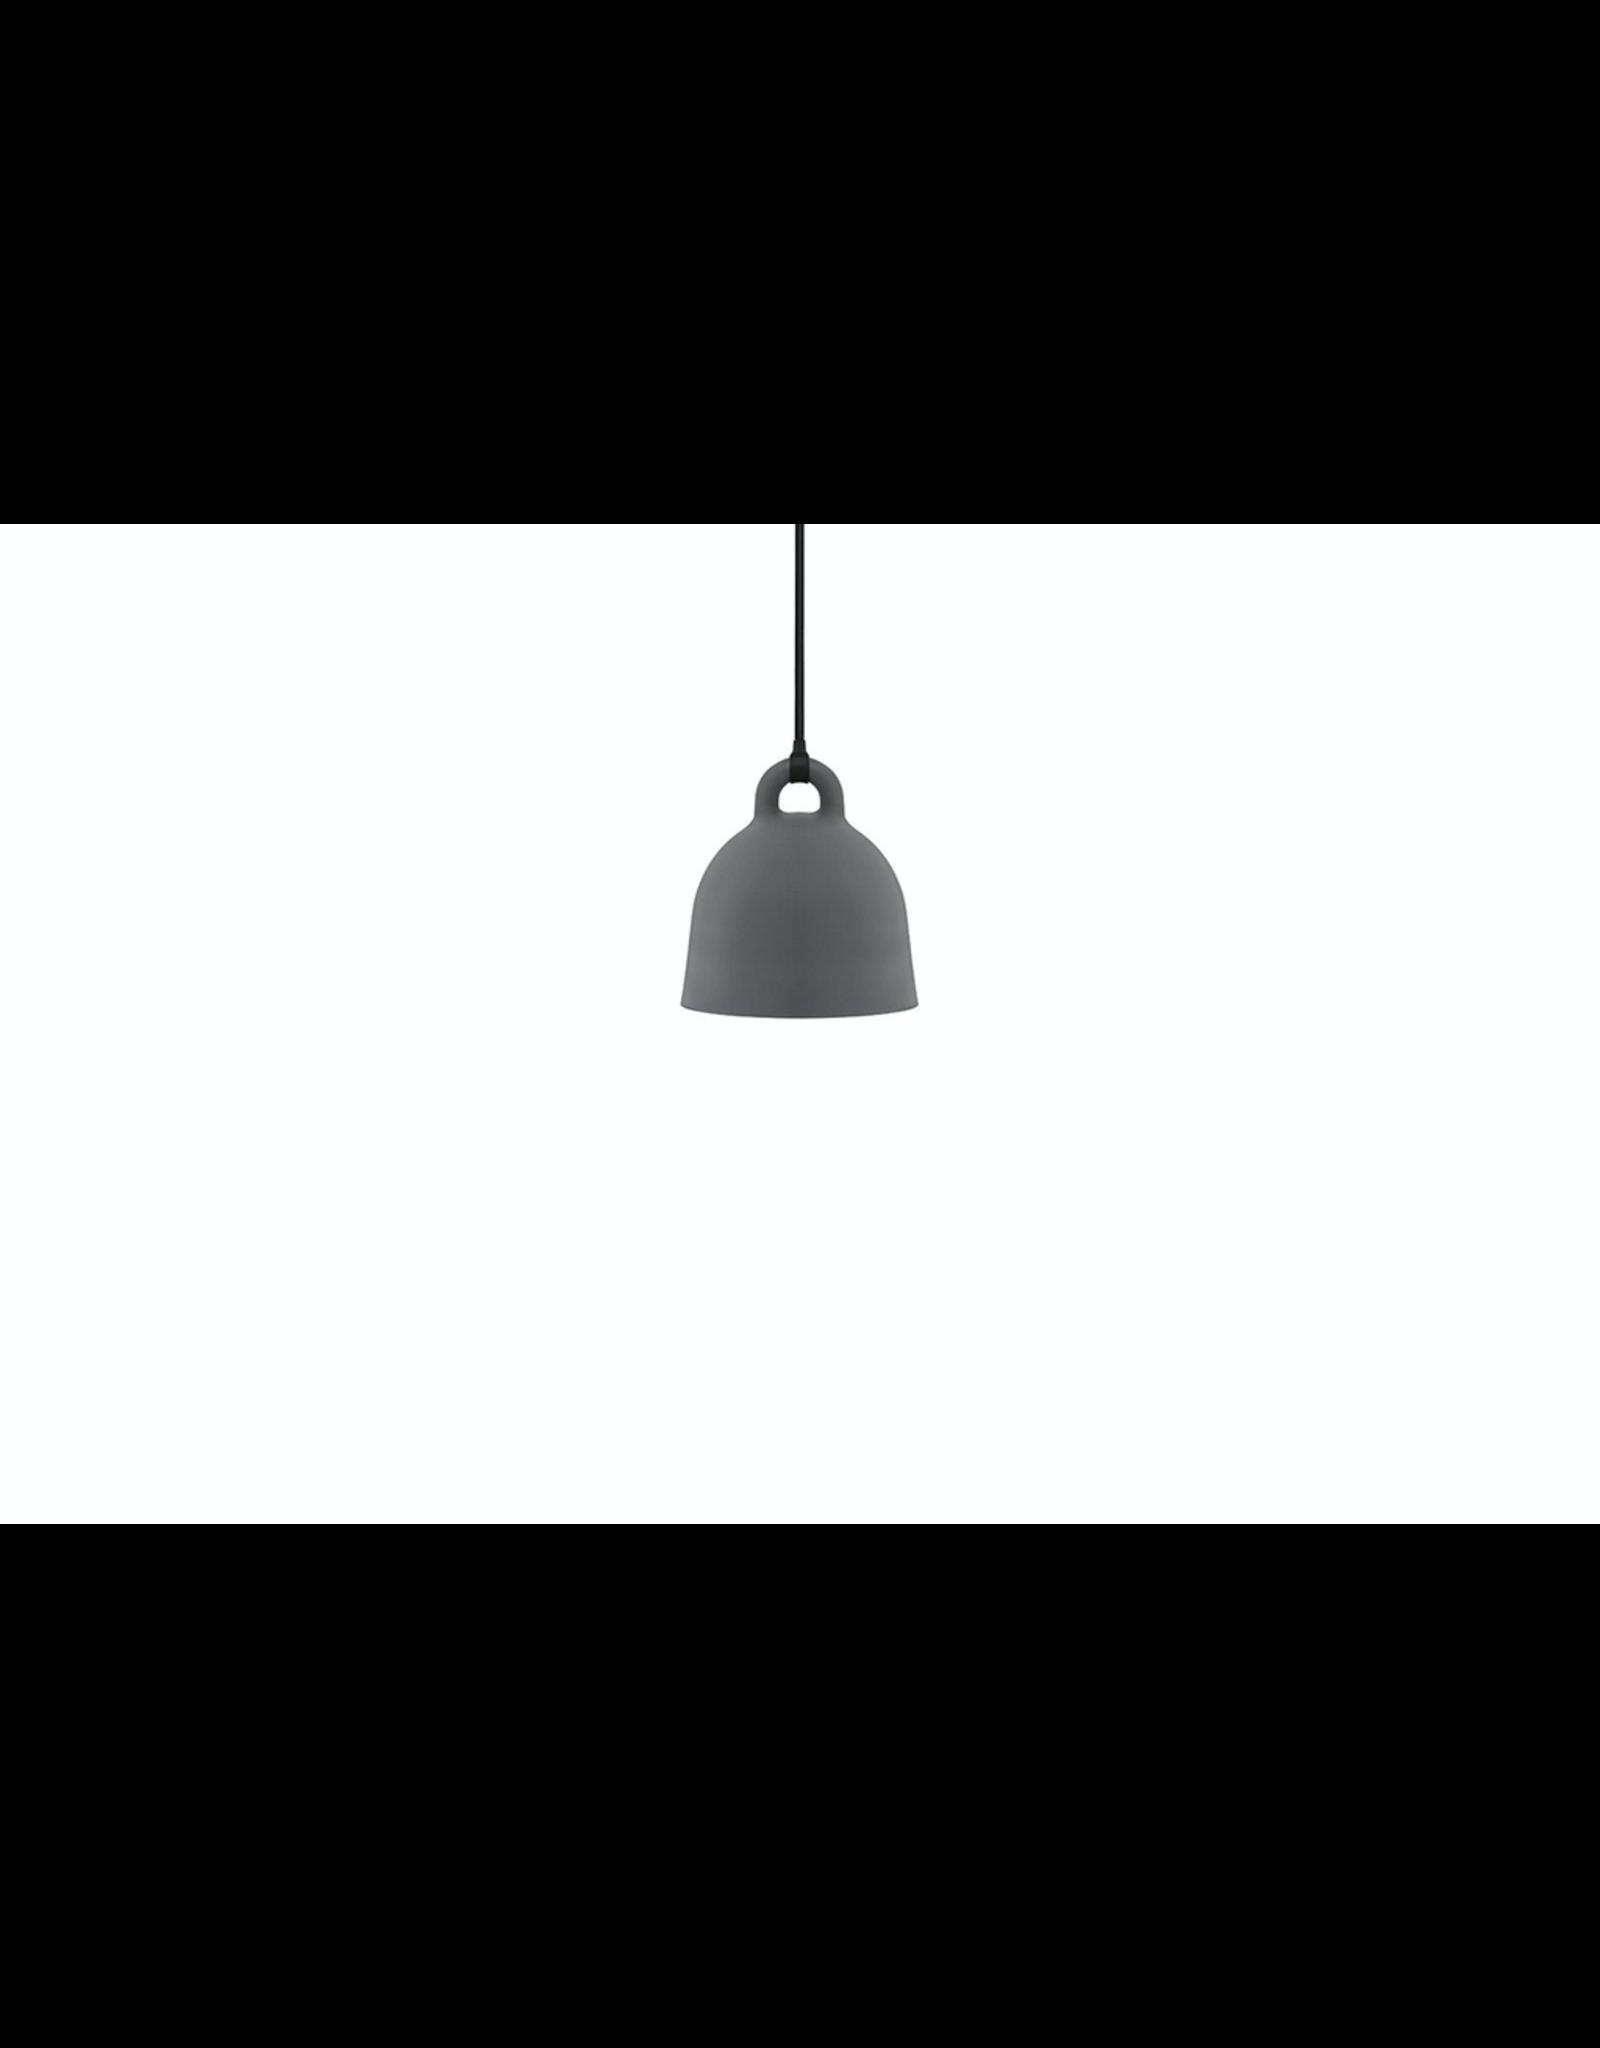 Normann Copenhagen Bell Lamp X-small grey D22cm